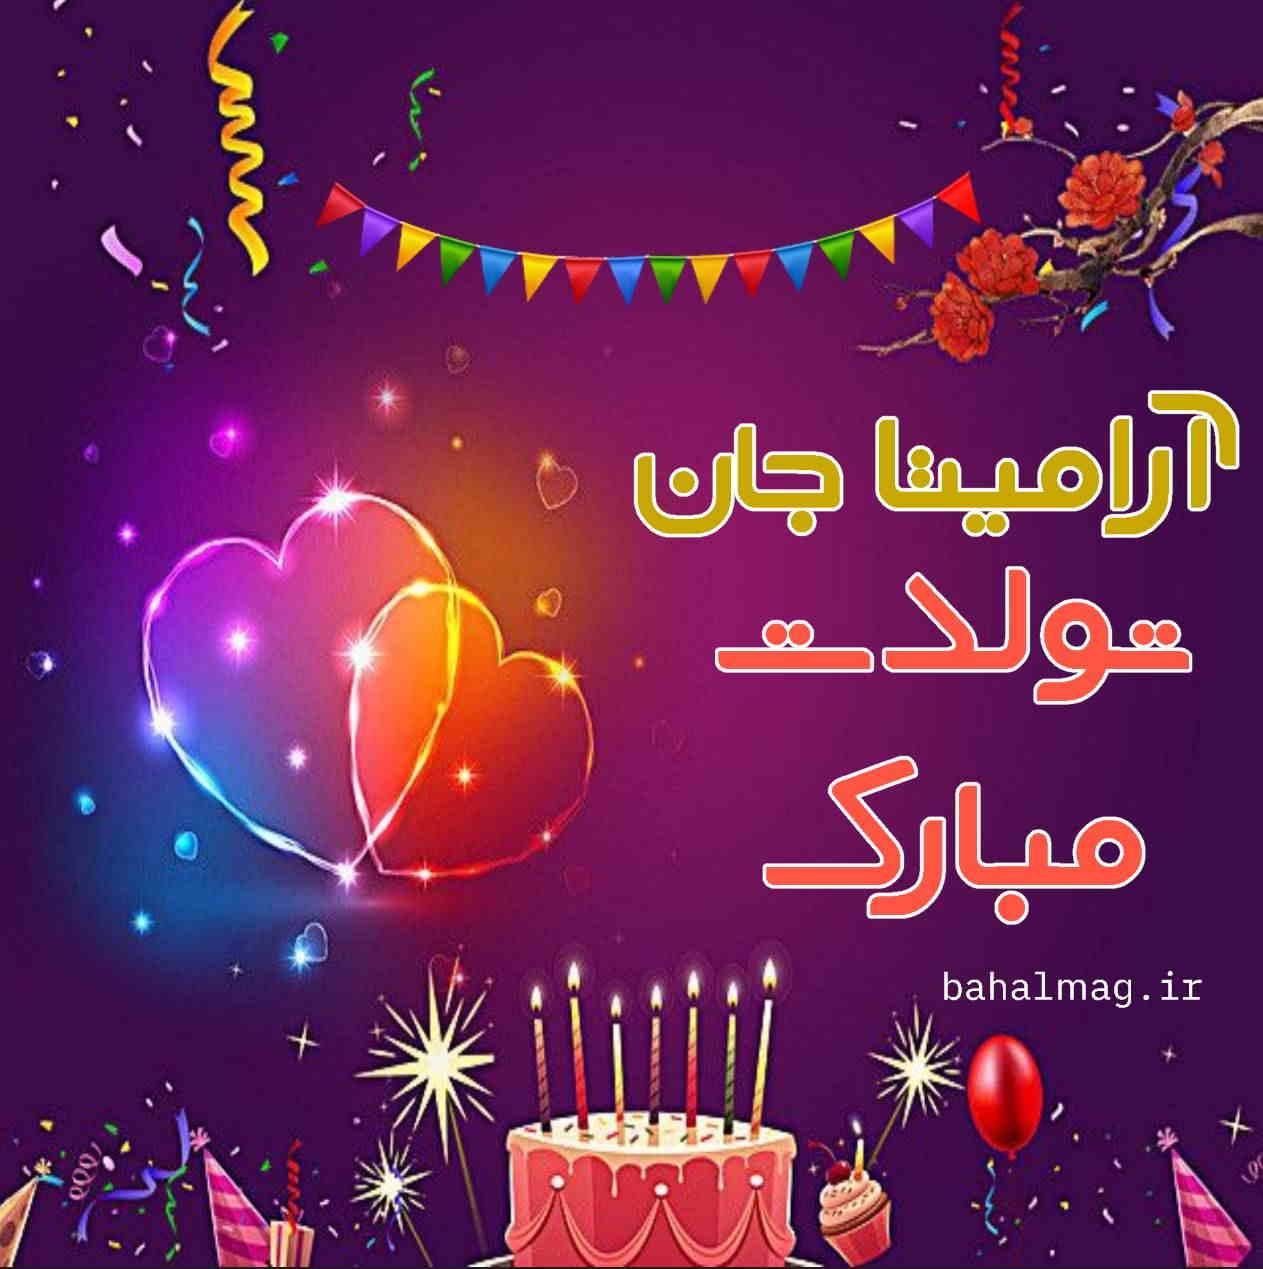 آرمیتا جان تولدت مبارک باد